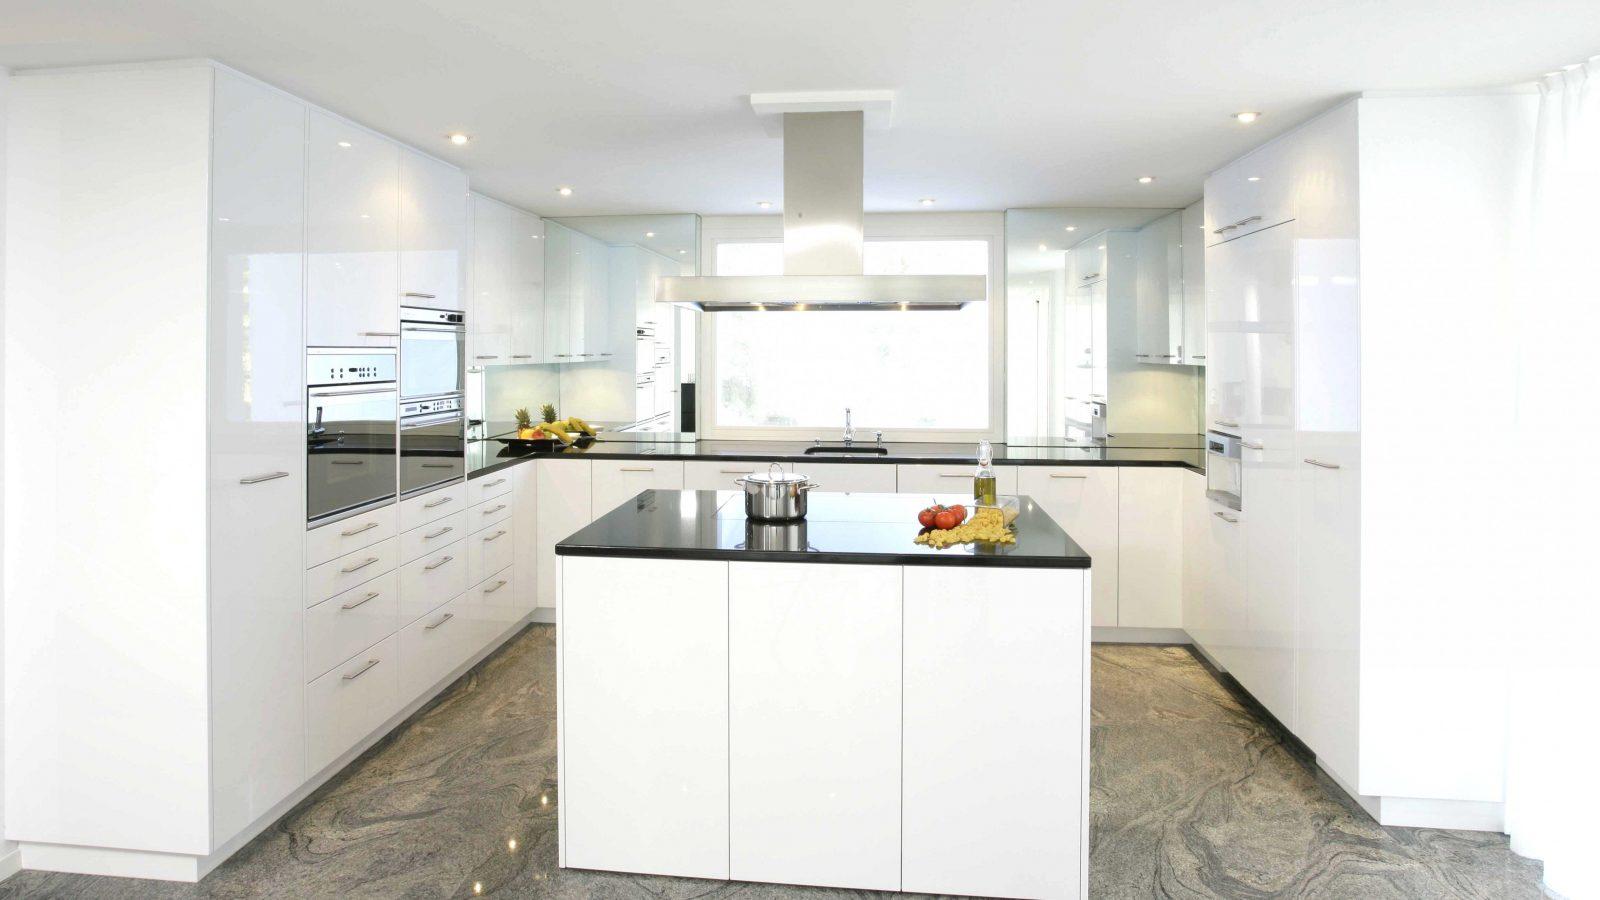 Küchen U Form Mit Kochinsel Von Küche Mit Kochinsel Gebraucht Bild